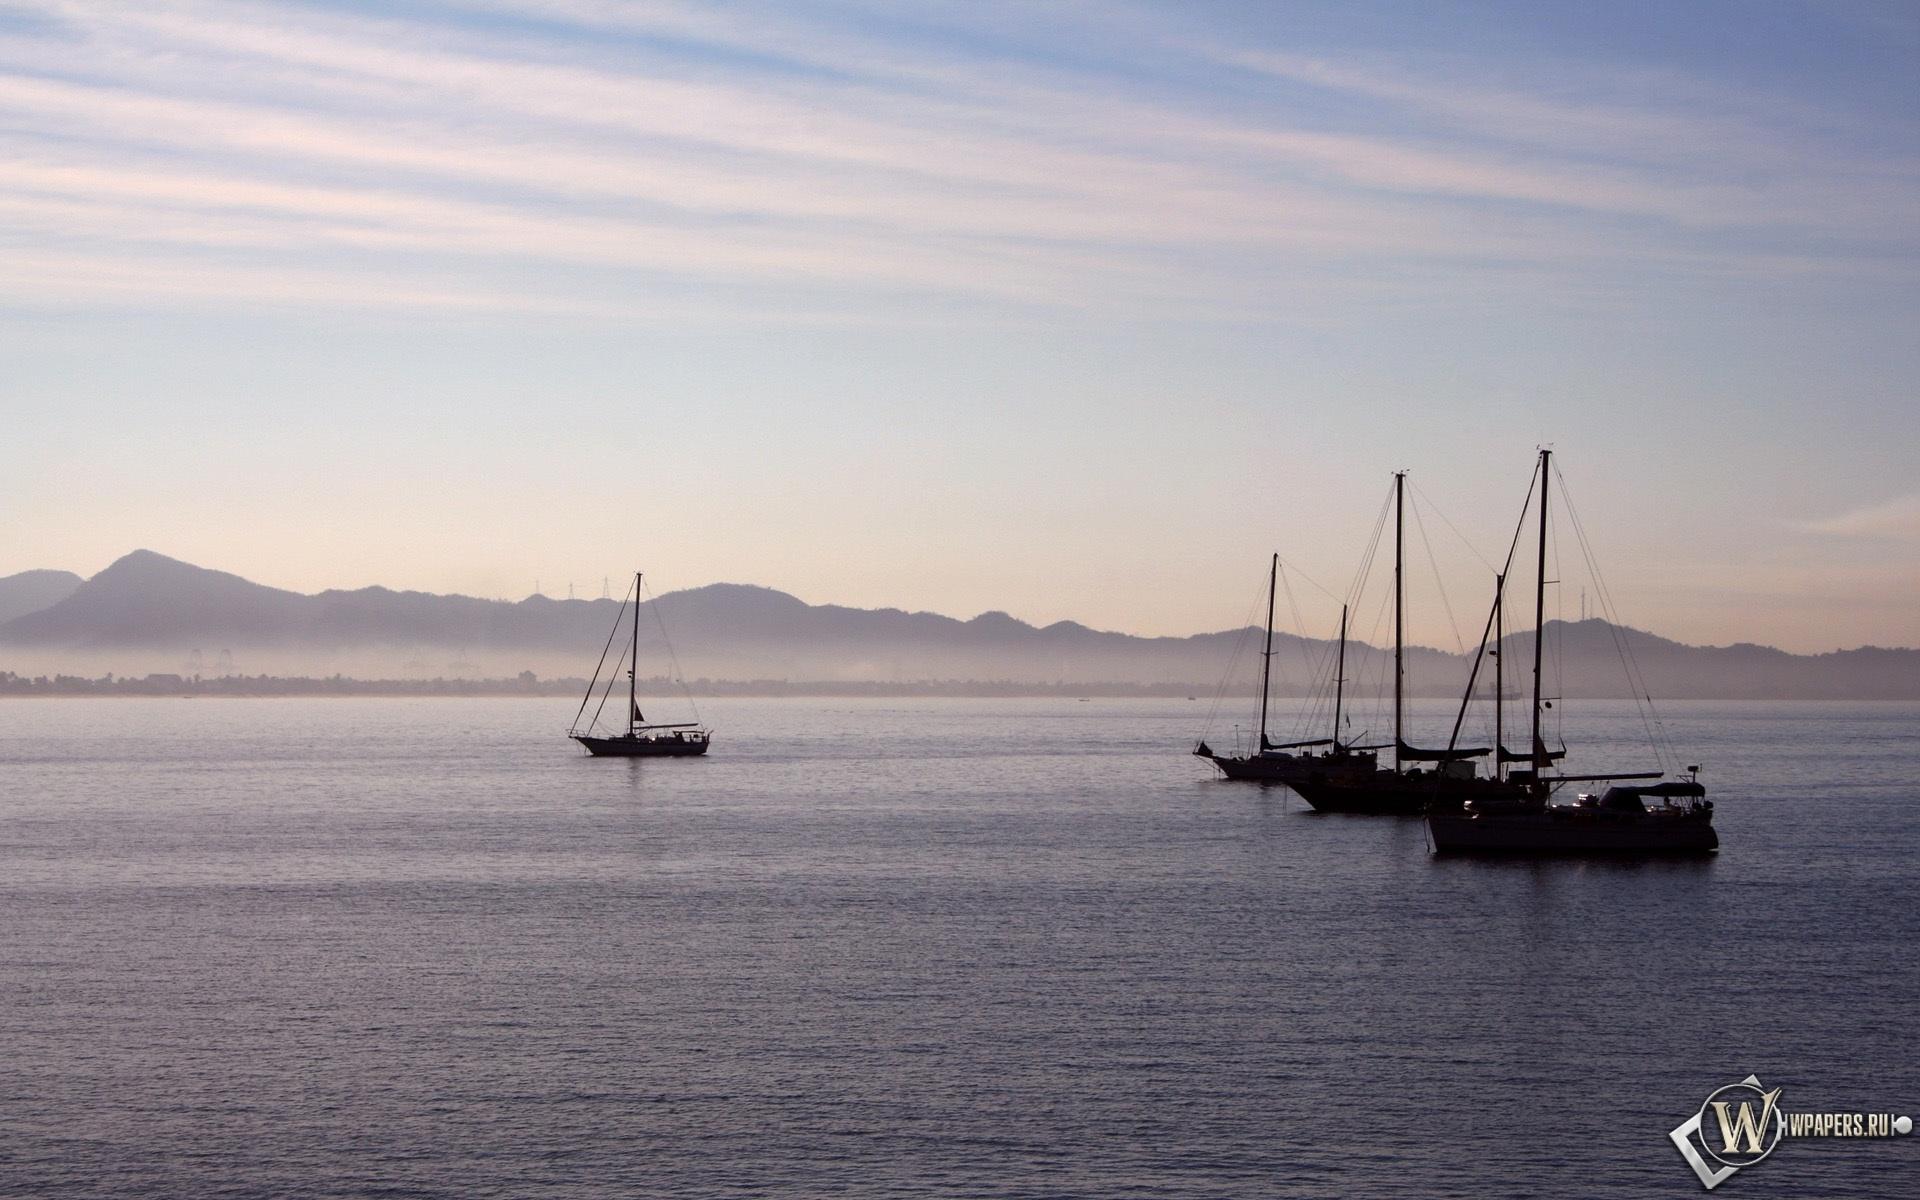 Морской пейзаж 1920x1200